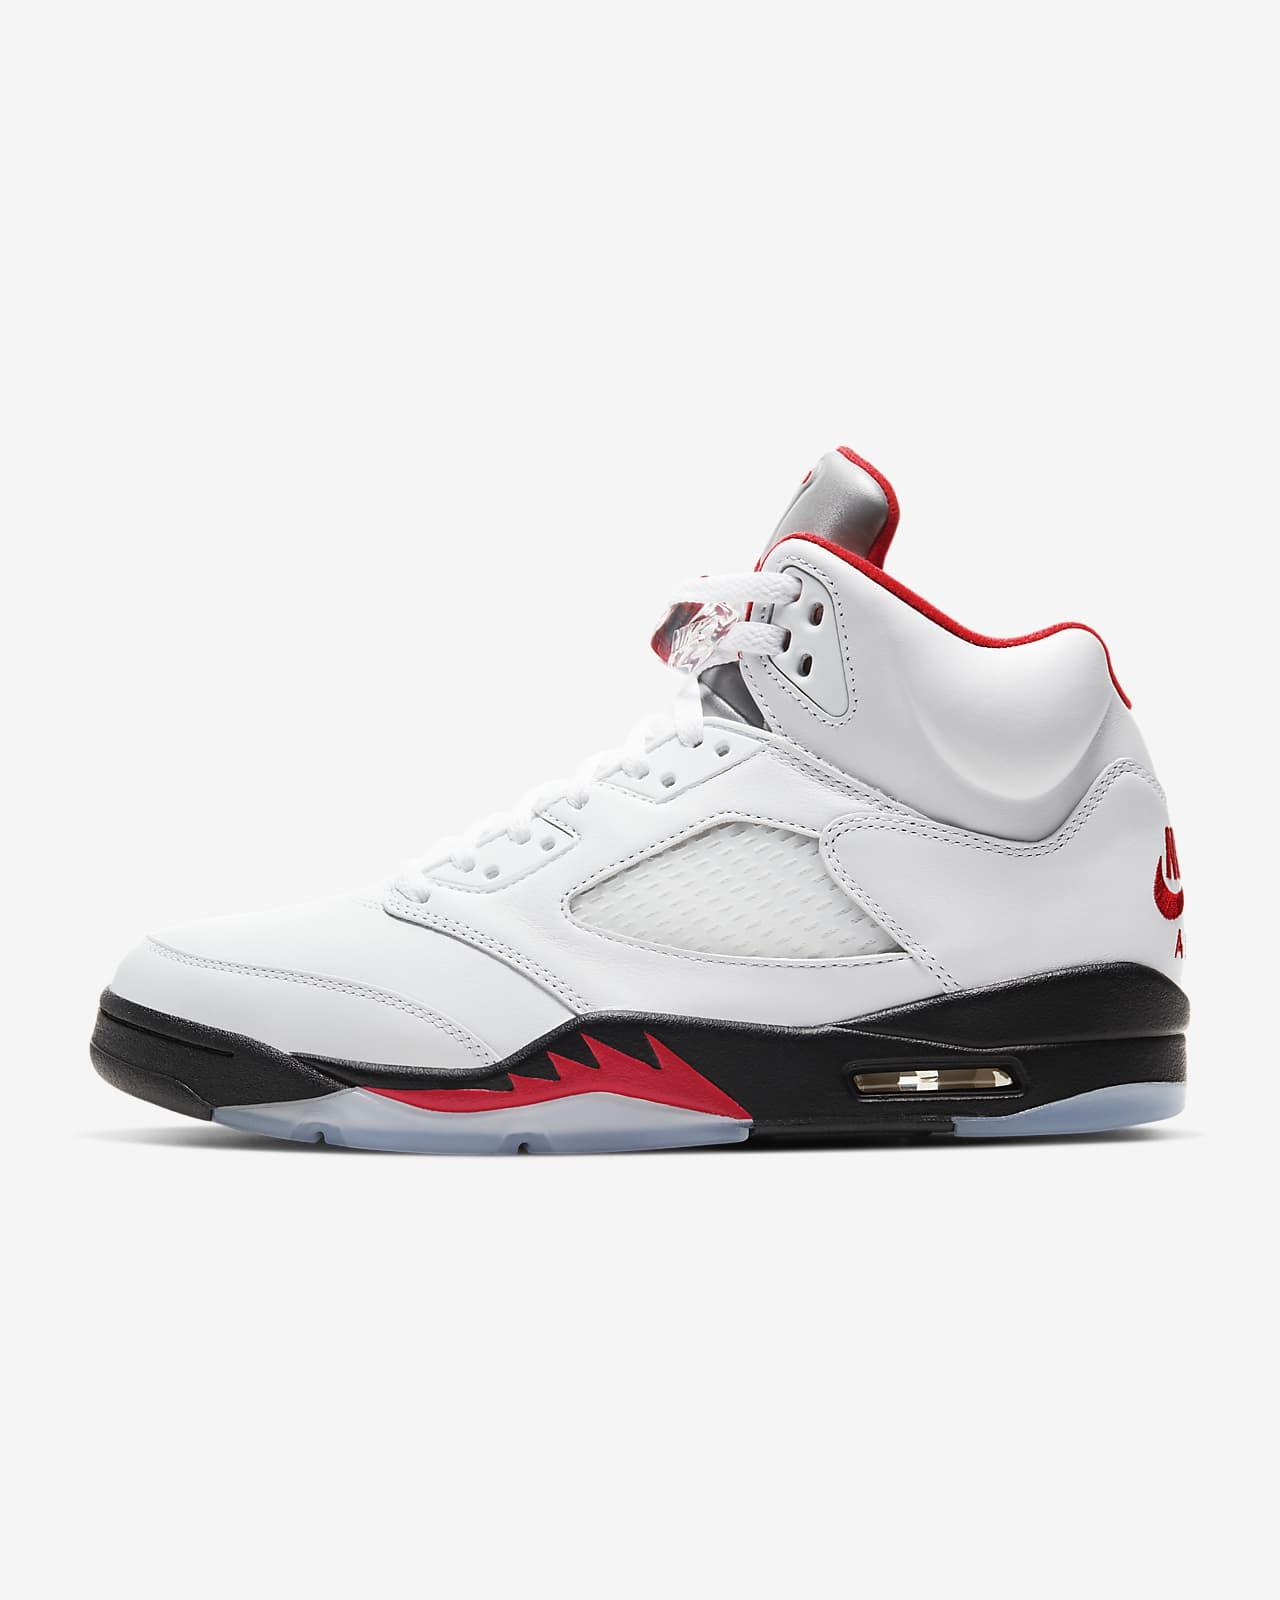 Air Jordan 5 Retro 男鞋